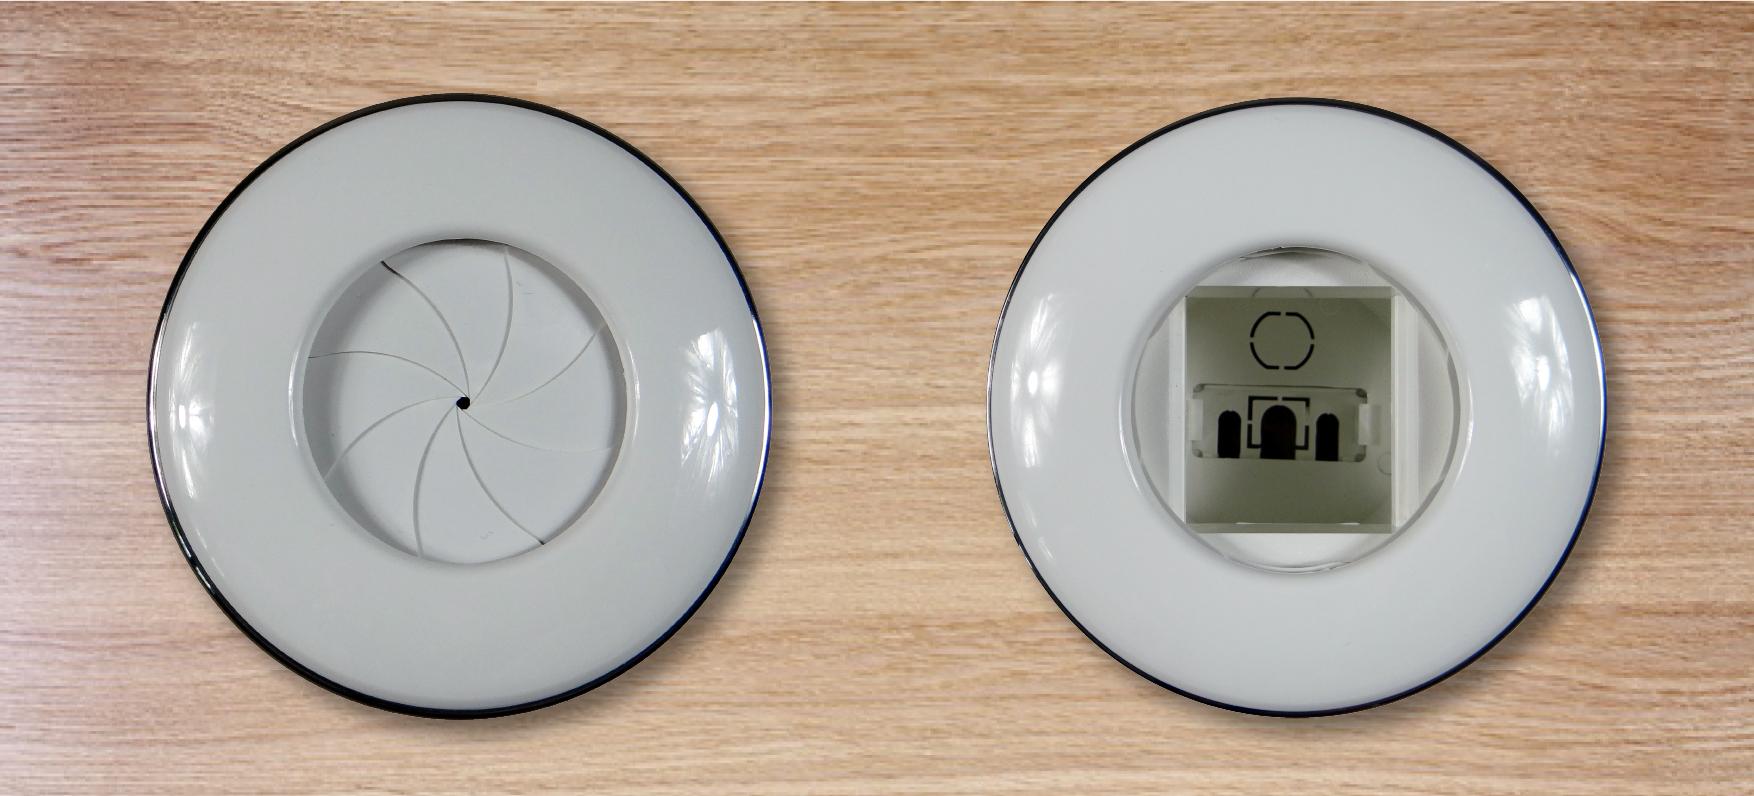 DIGITEL Digitel Iris - Gamme de boîtiers de connectique ultra-compacts